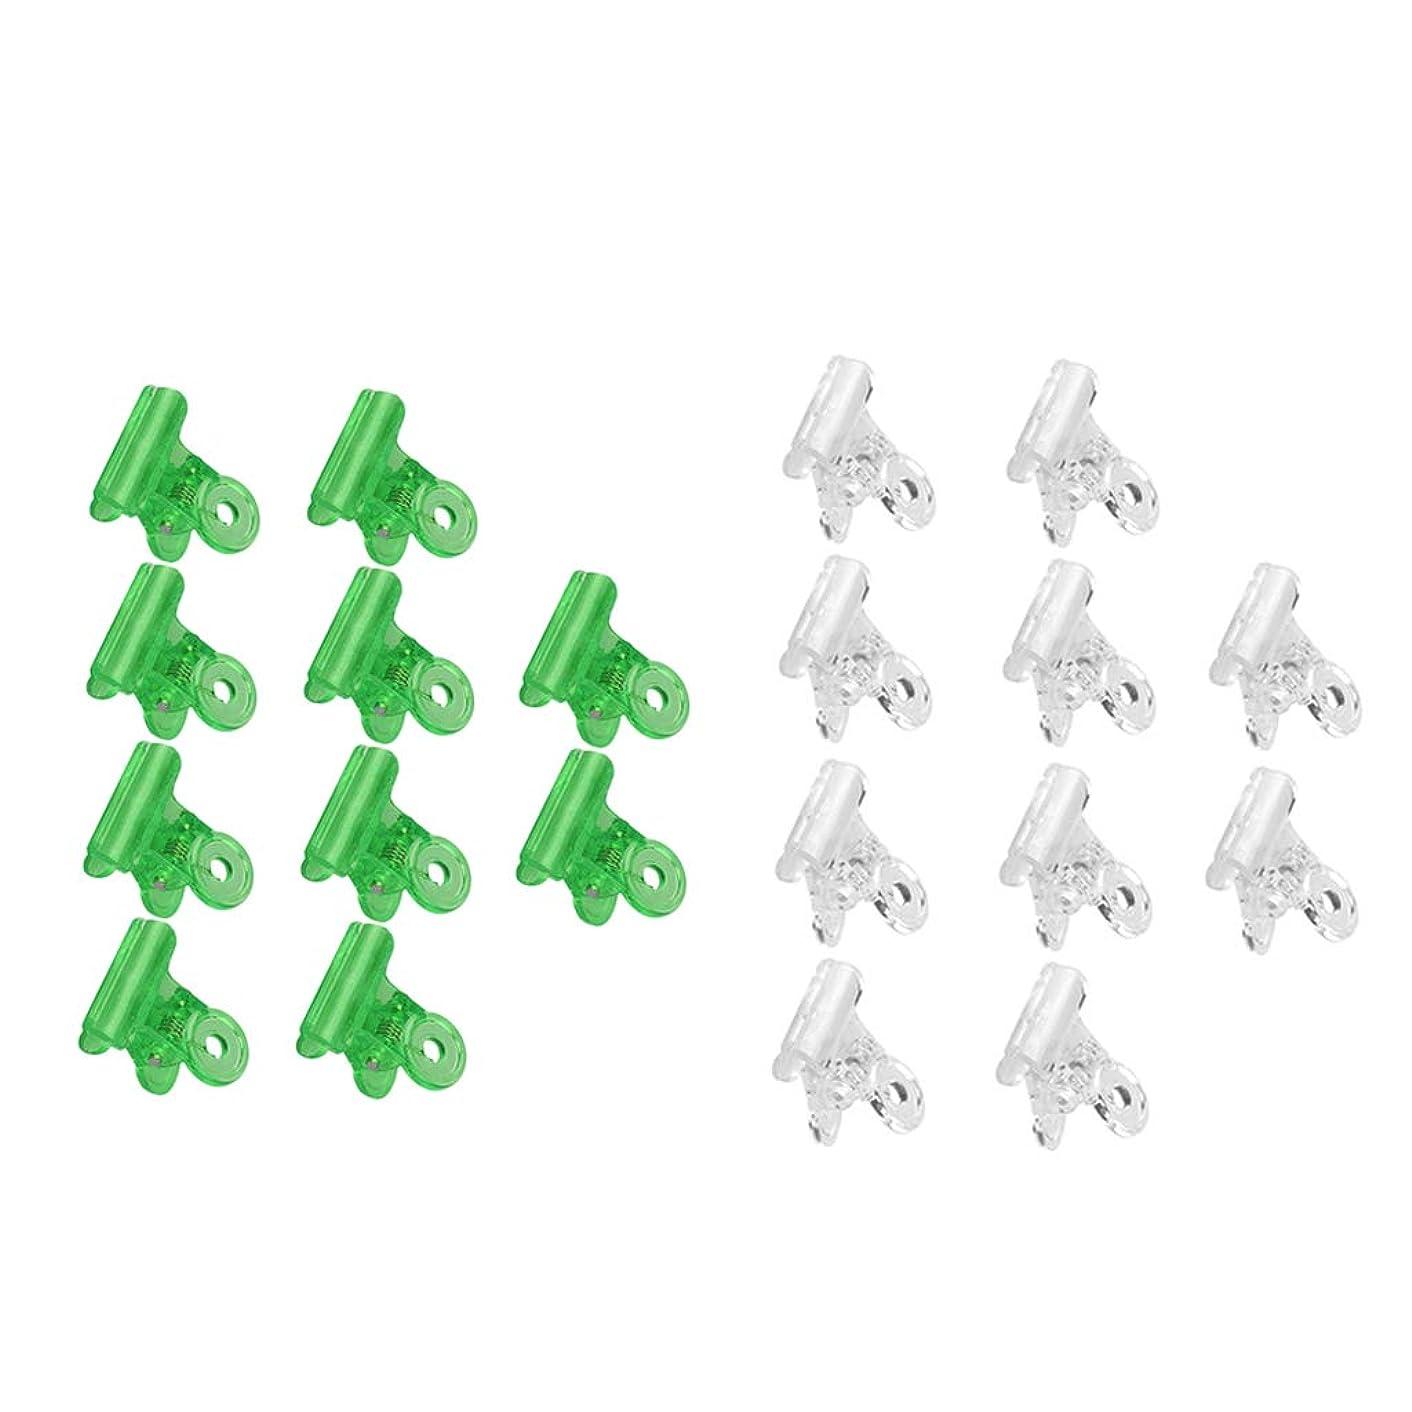 ロール頭痛副産物Perfeclan ネイルクリップ オフ ジェルネイルポリッシュ クリーナークリップ 再利用可能 20個セット 全3種 - グリーン+クリア